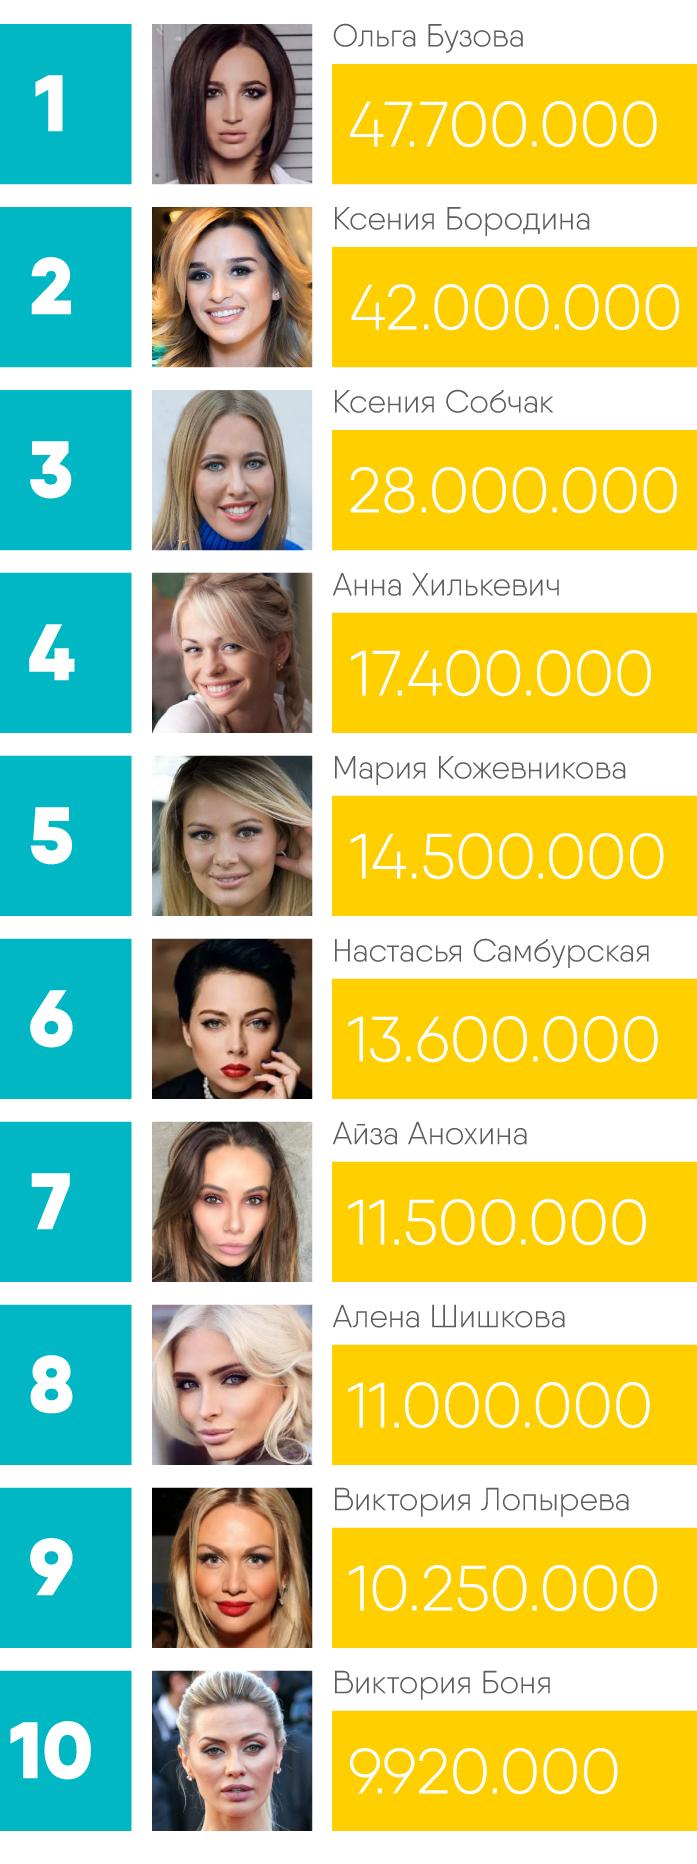 Сколько зарабатывают звезды в Instagram